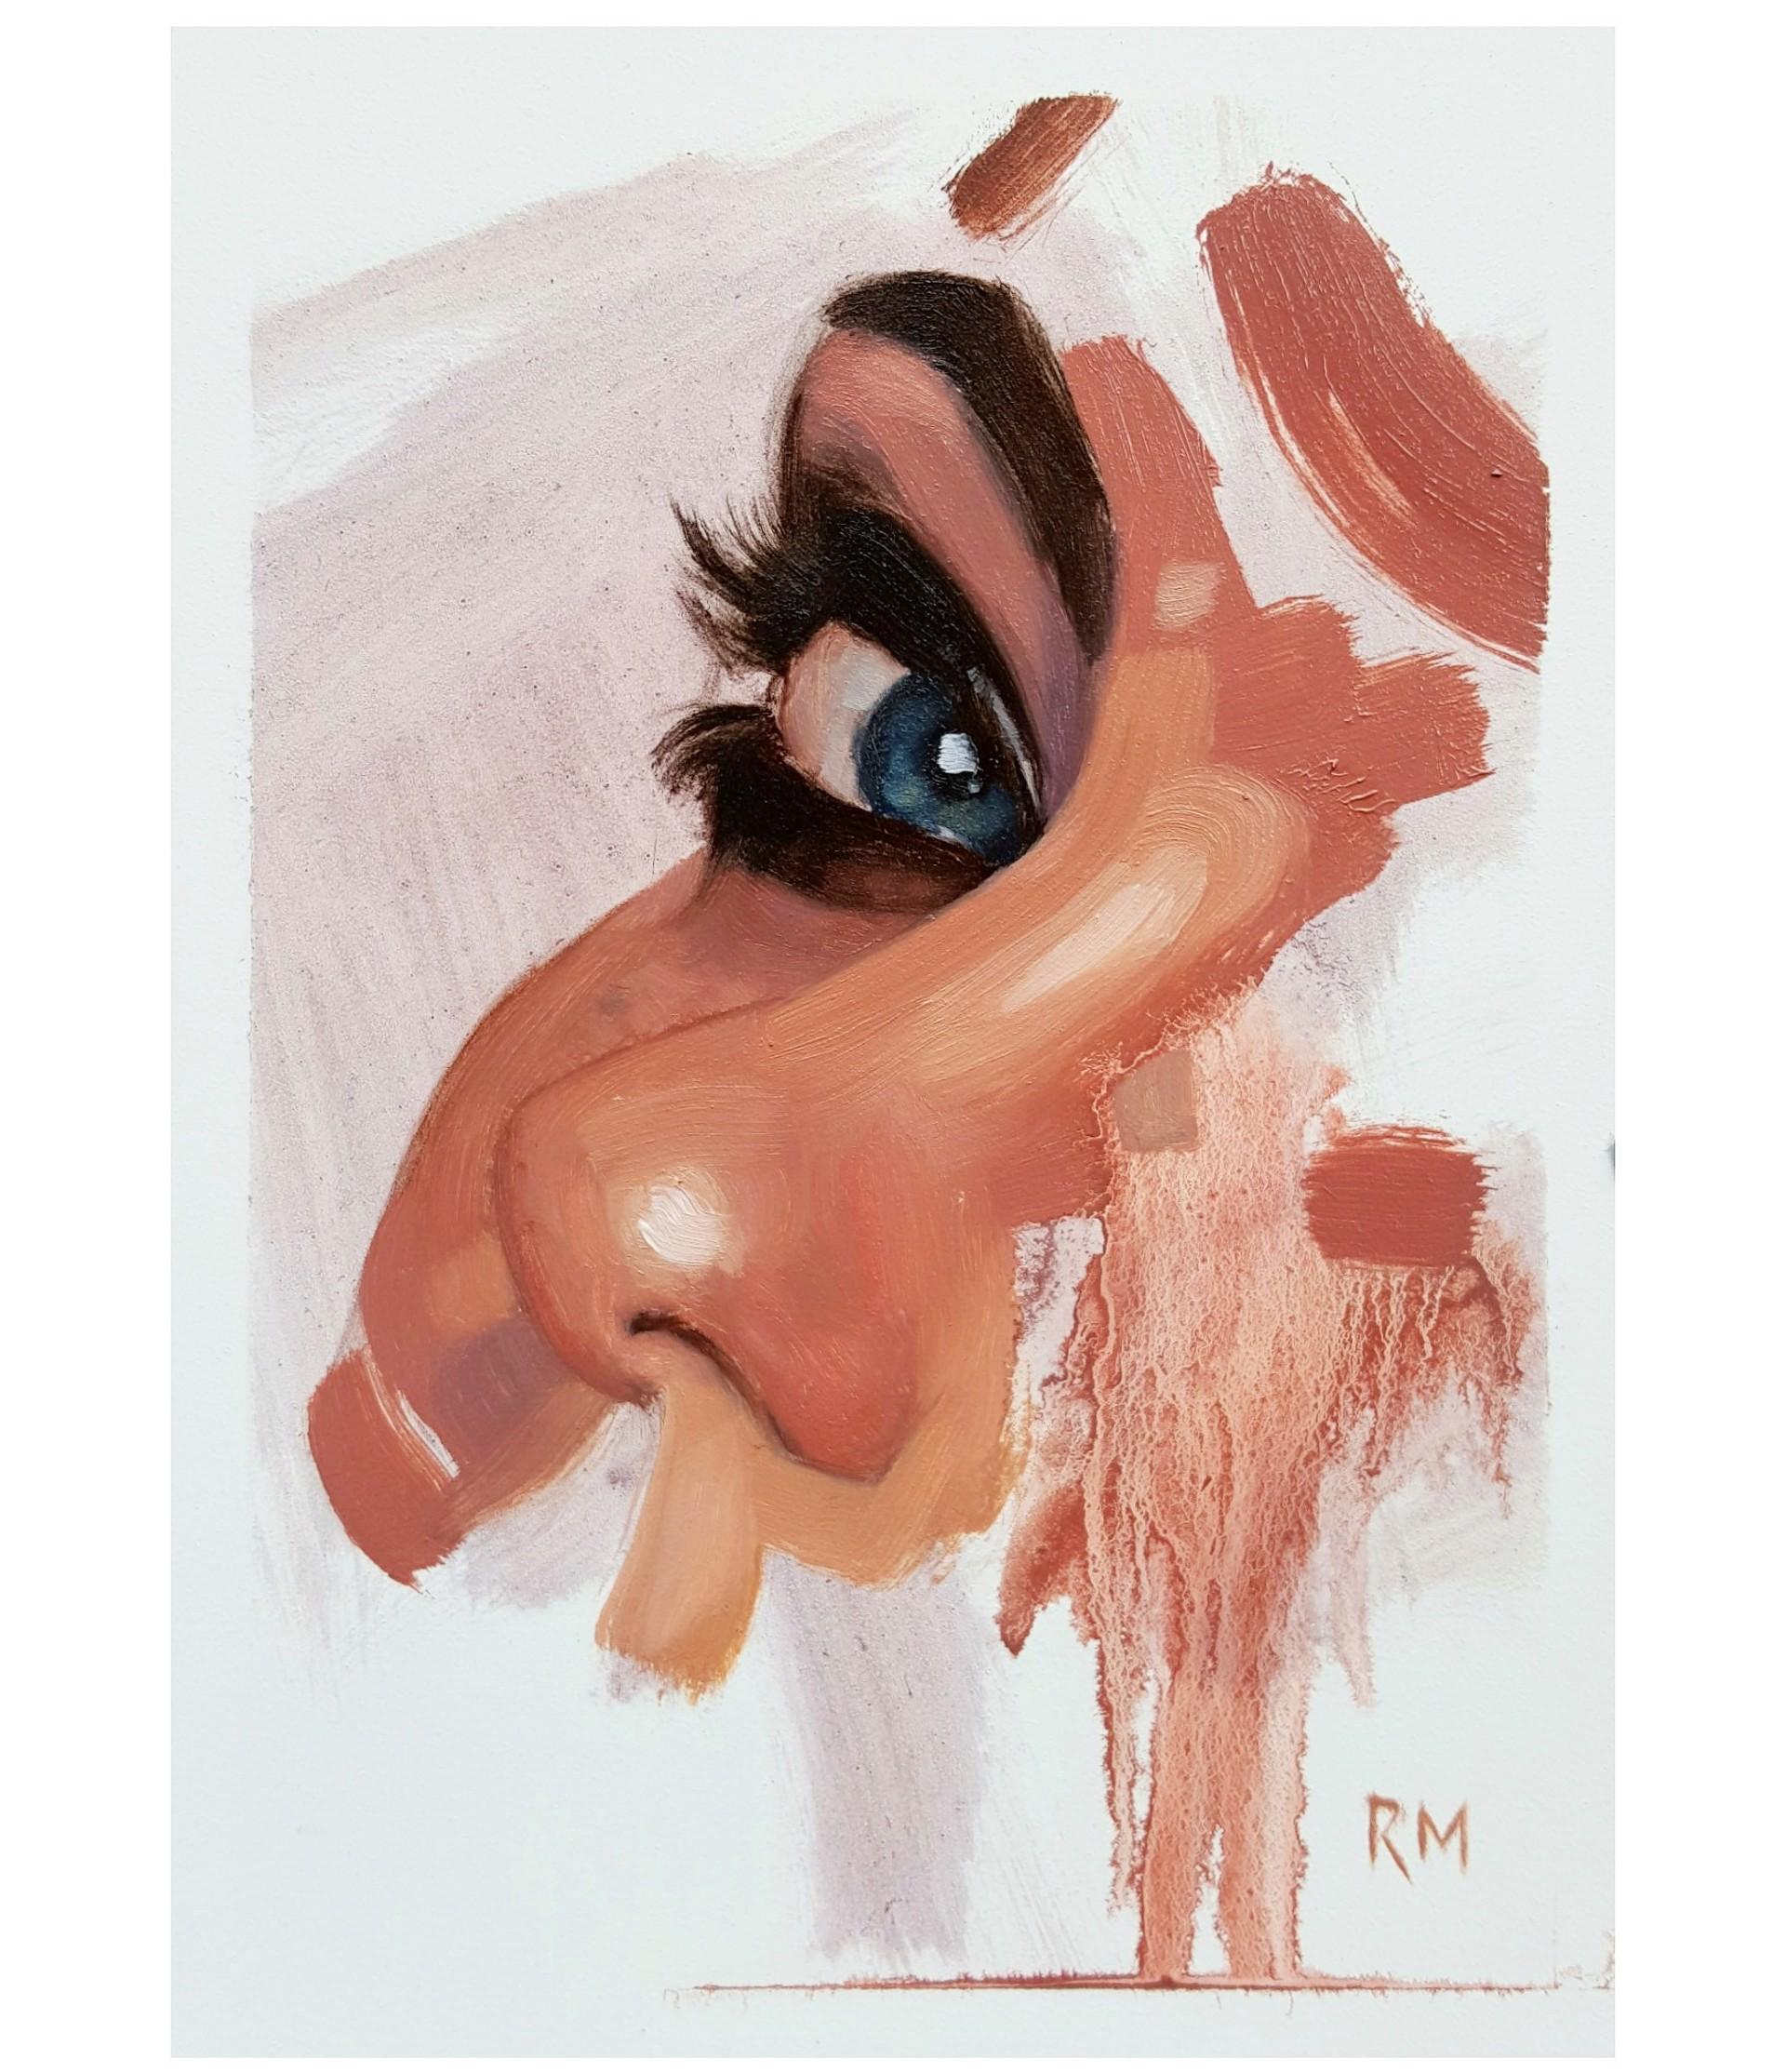 Eye Two by Ryan Morse